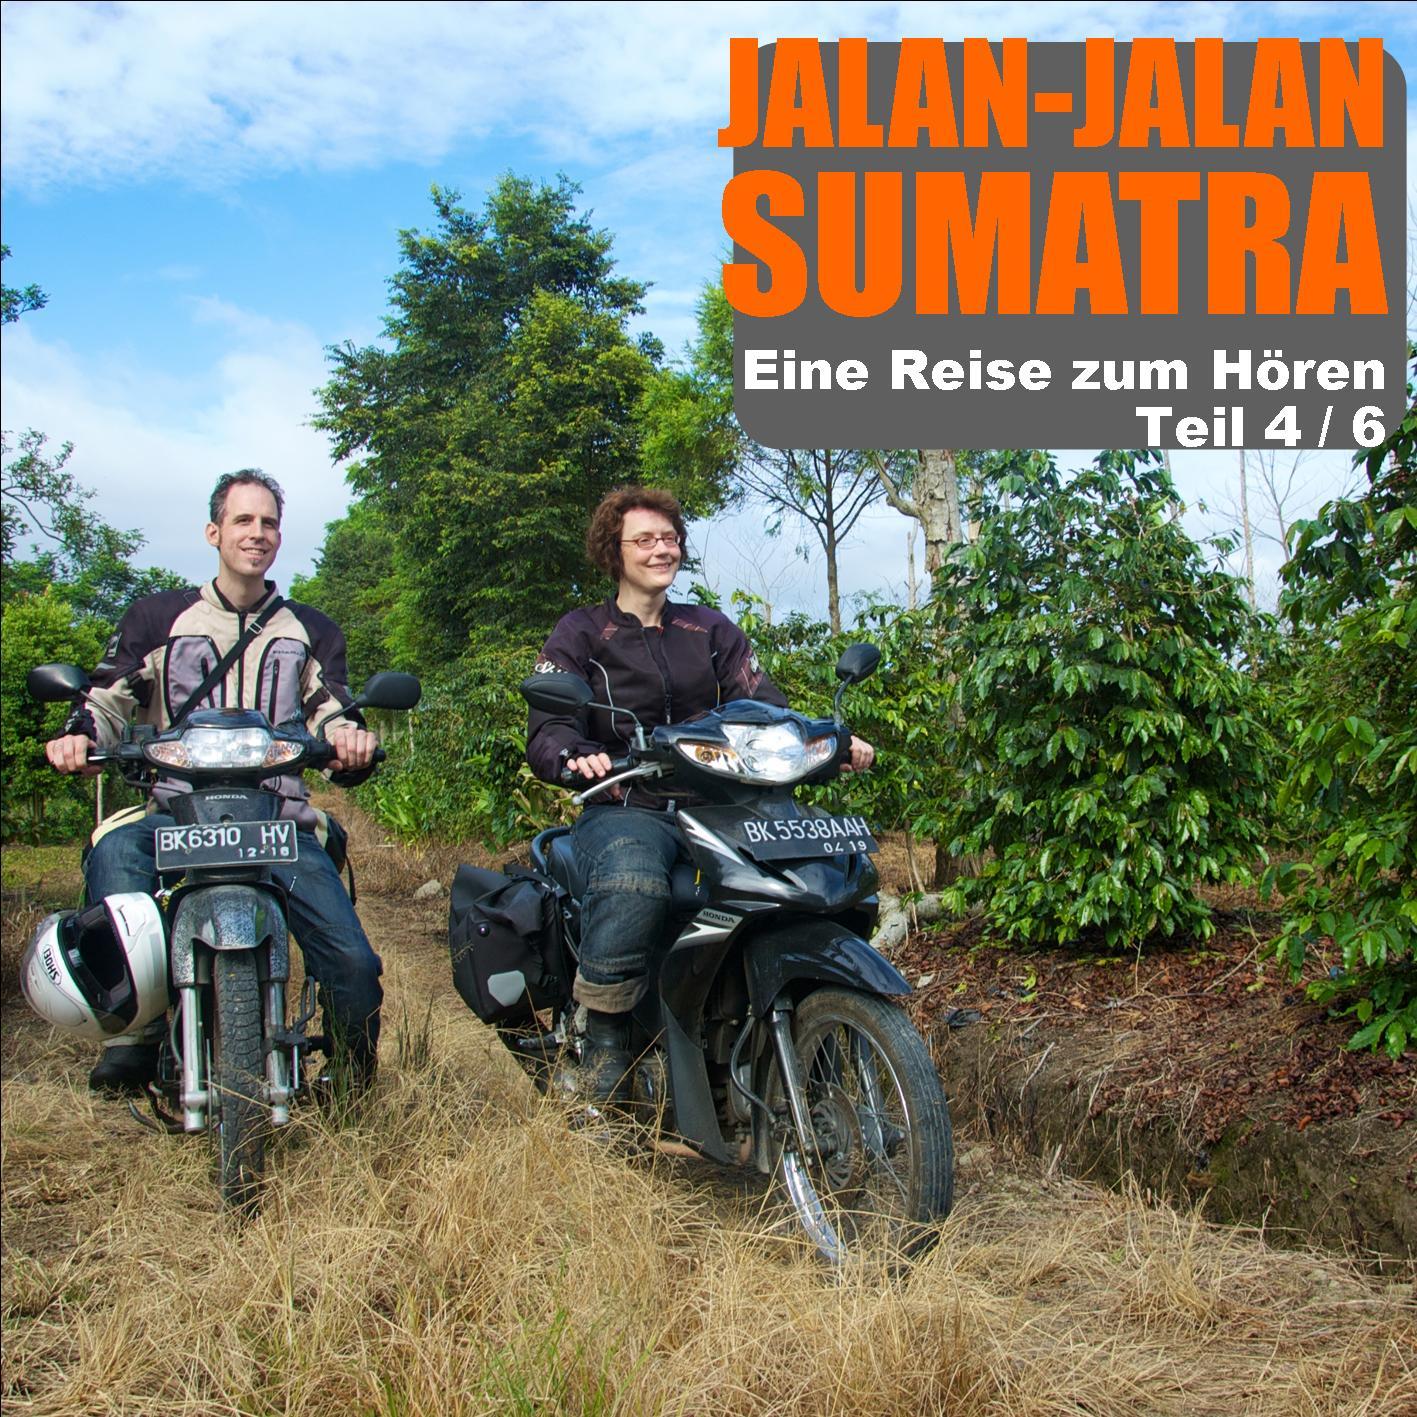 Jalan-jalan Sumatra Teil4